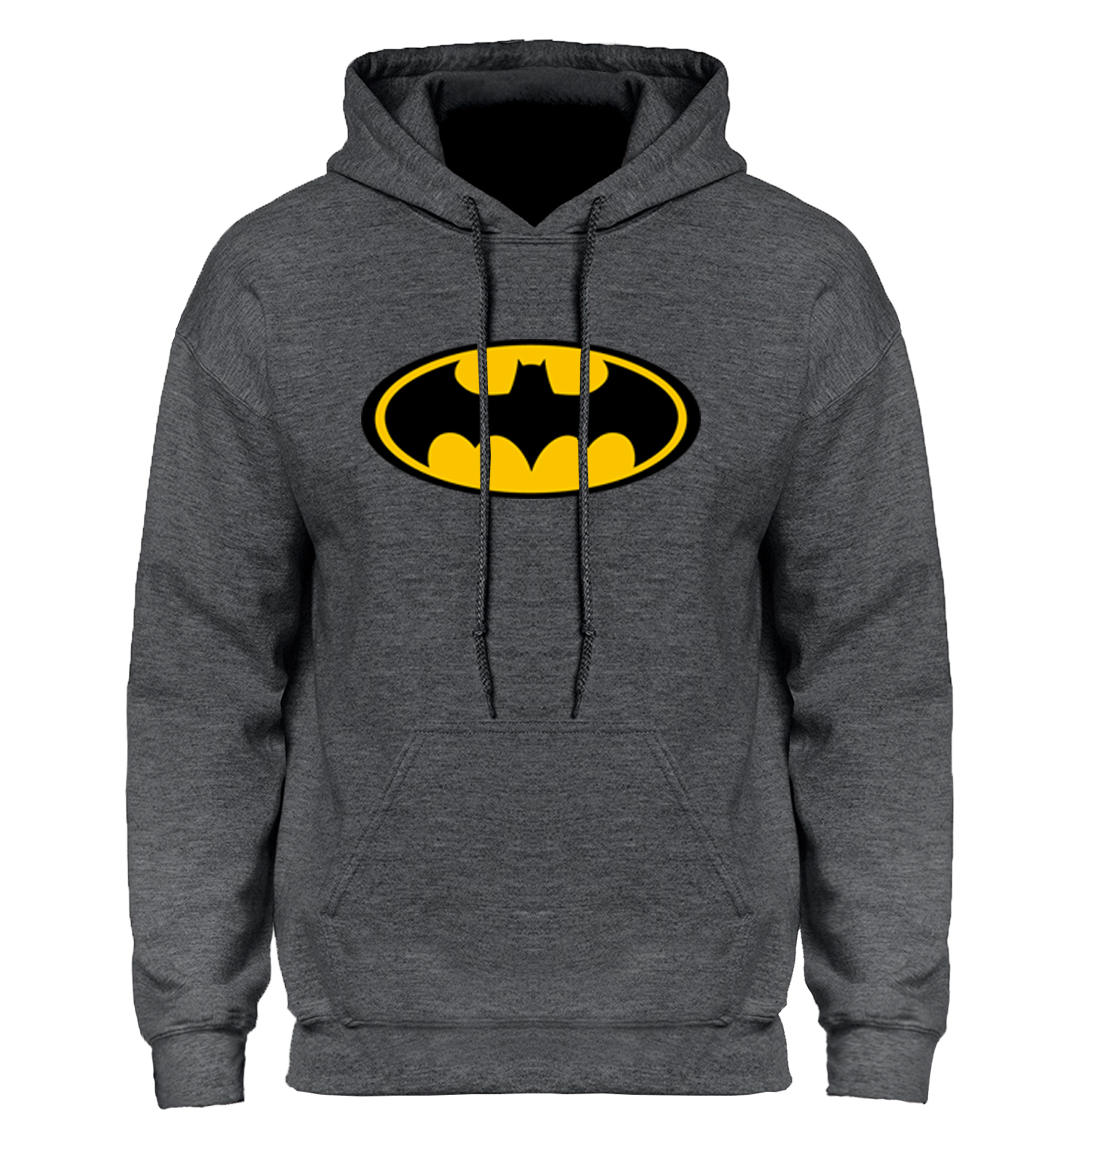 Sudadera con capucha de dibujos animados de Batman para hombre 2018 invierno otoño Sudadera con capucha Hoody Homens Casual Silm diseño Venta caliente abrigo de hombre